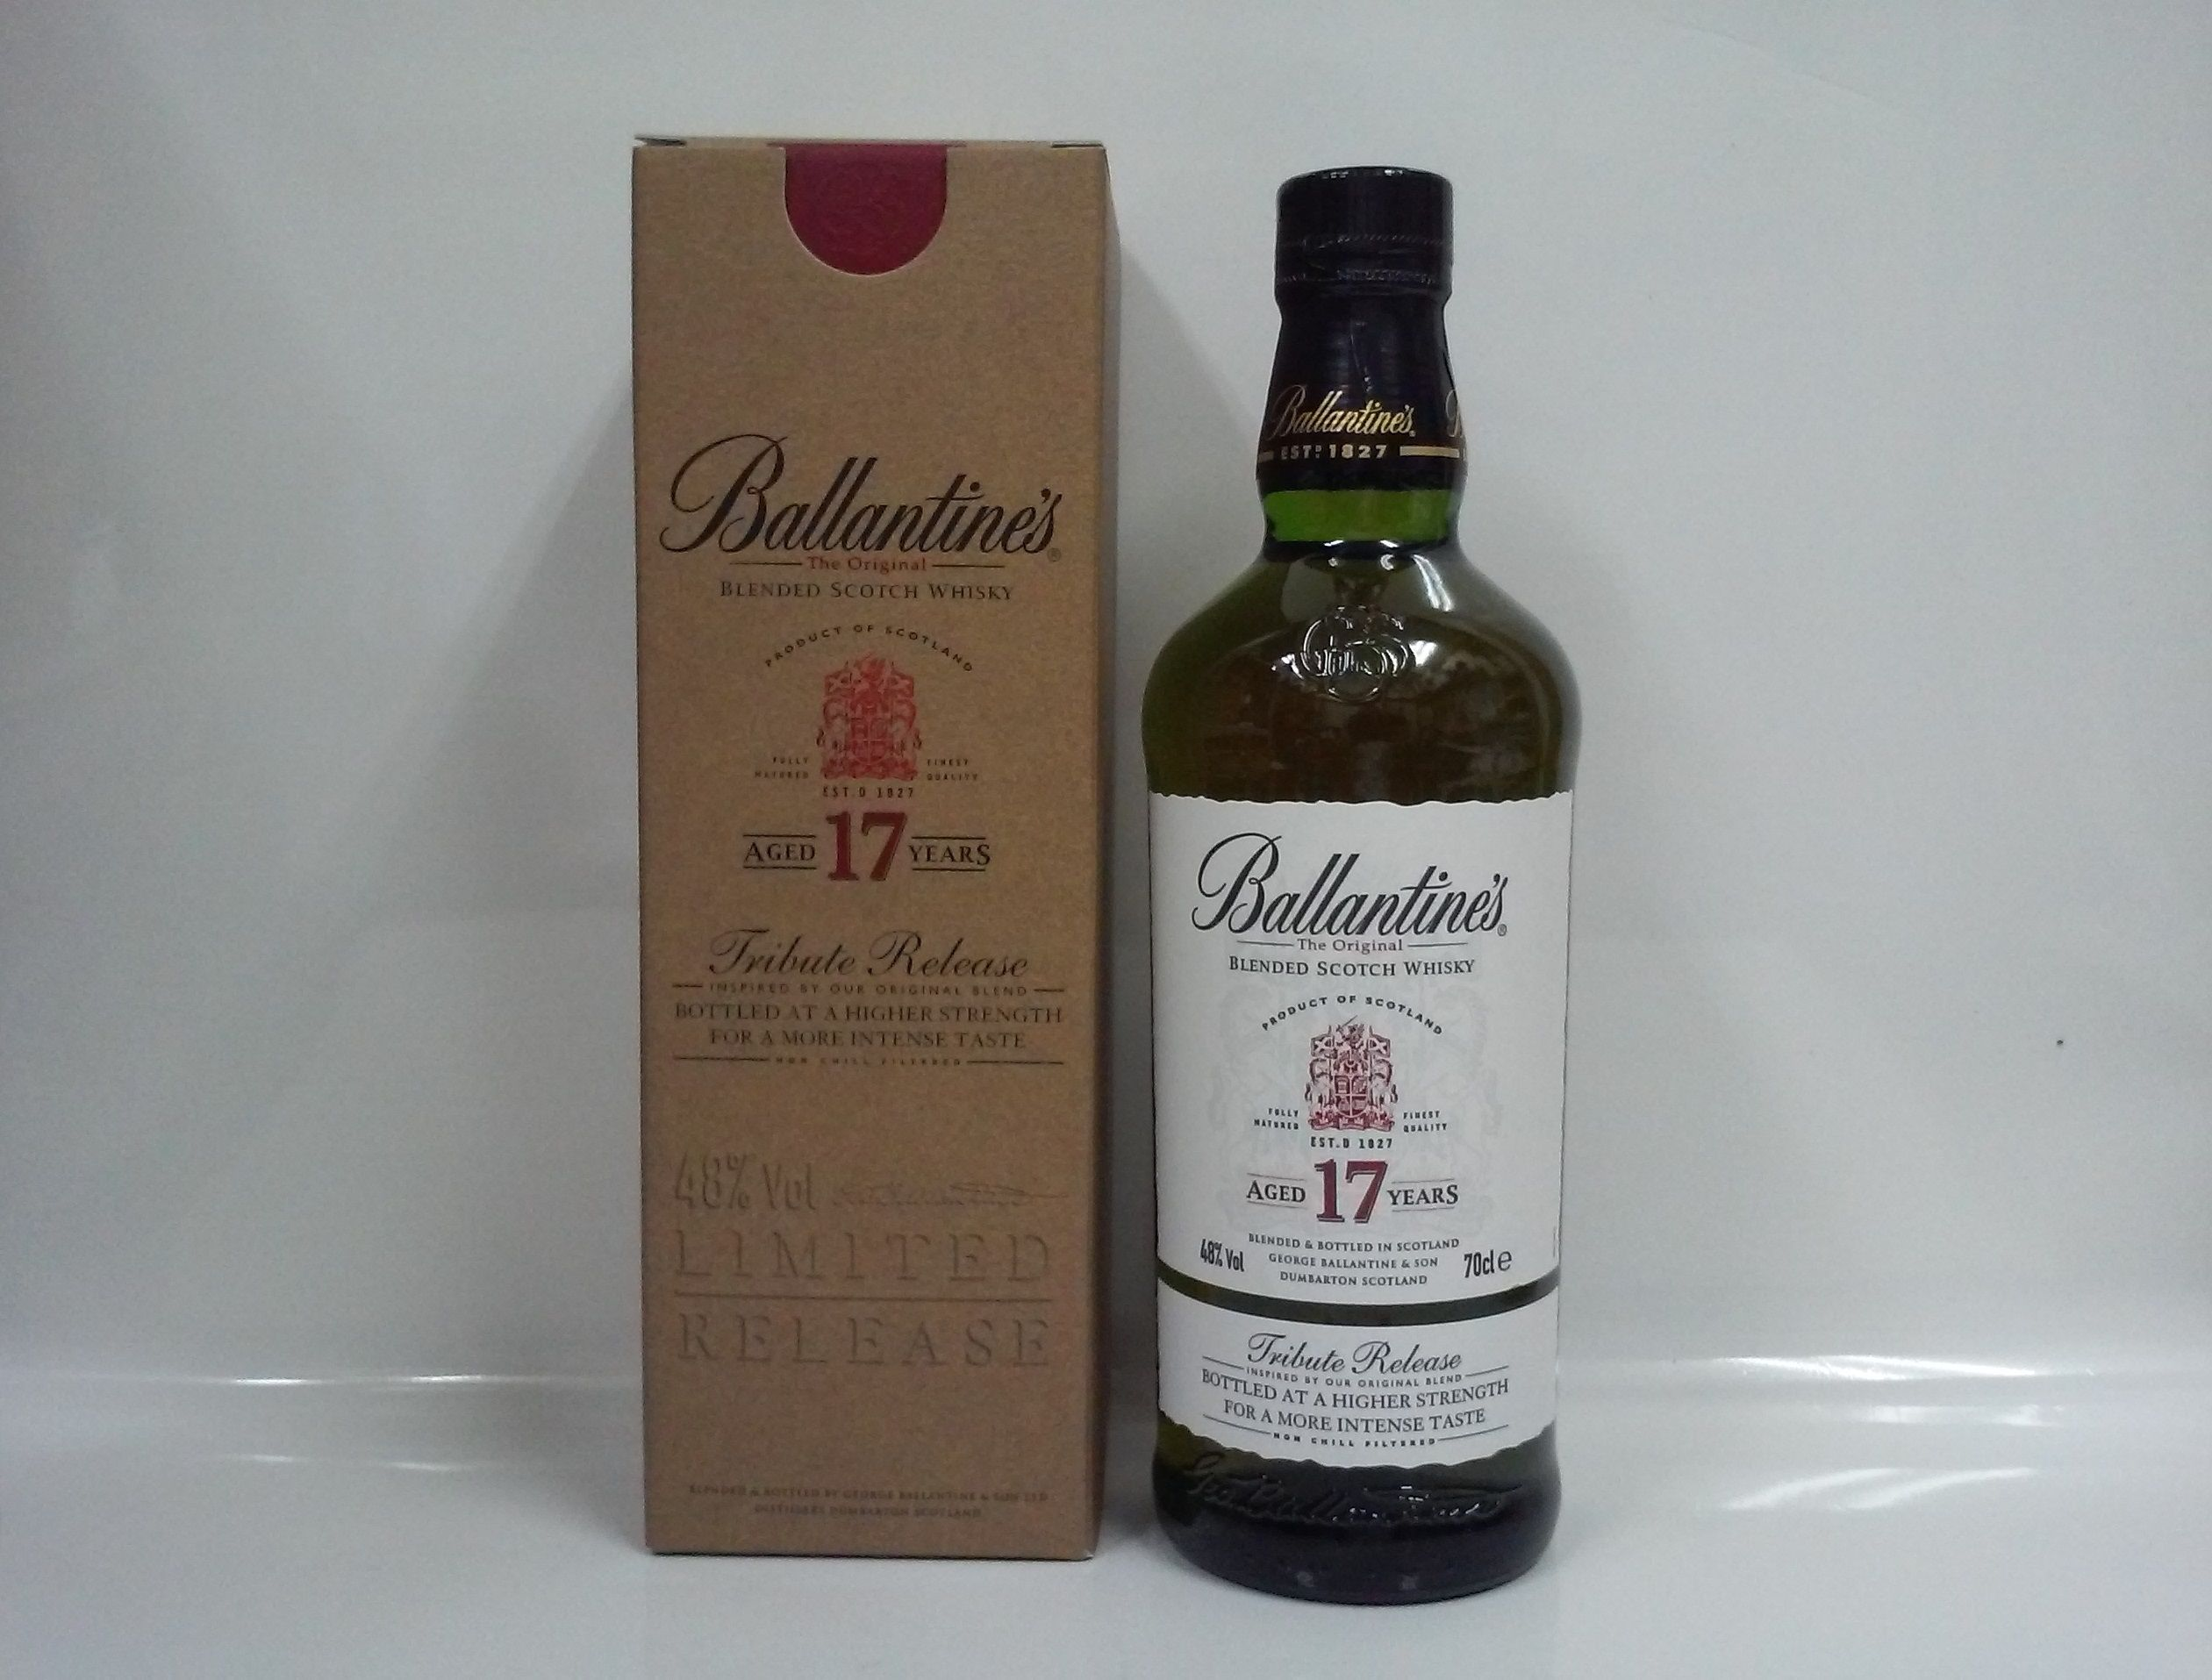 バランタイン17年 トリビュートリリース 48% 700ml Ballantine's 17Years  TributeRelease